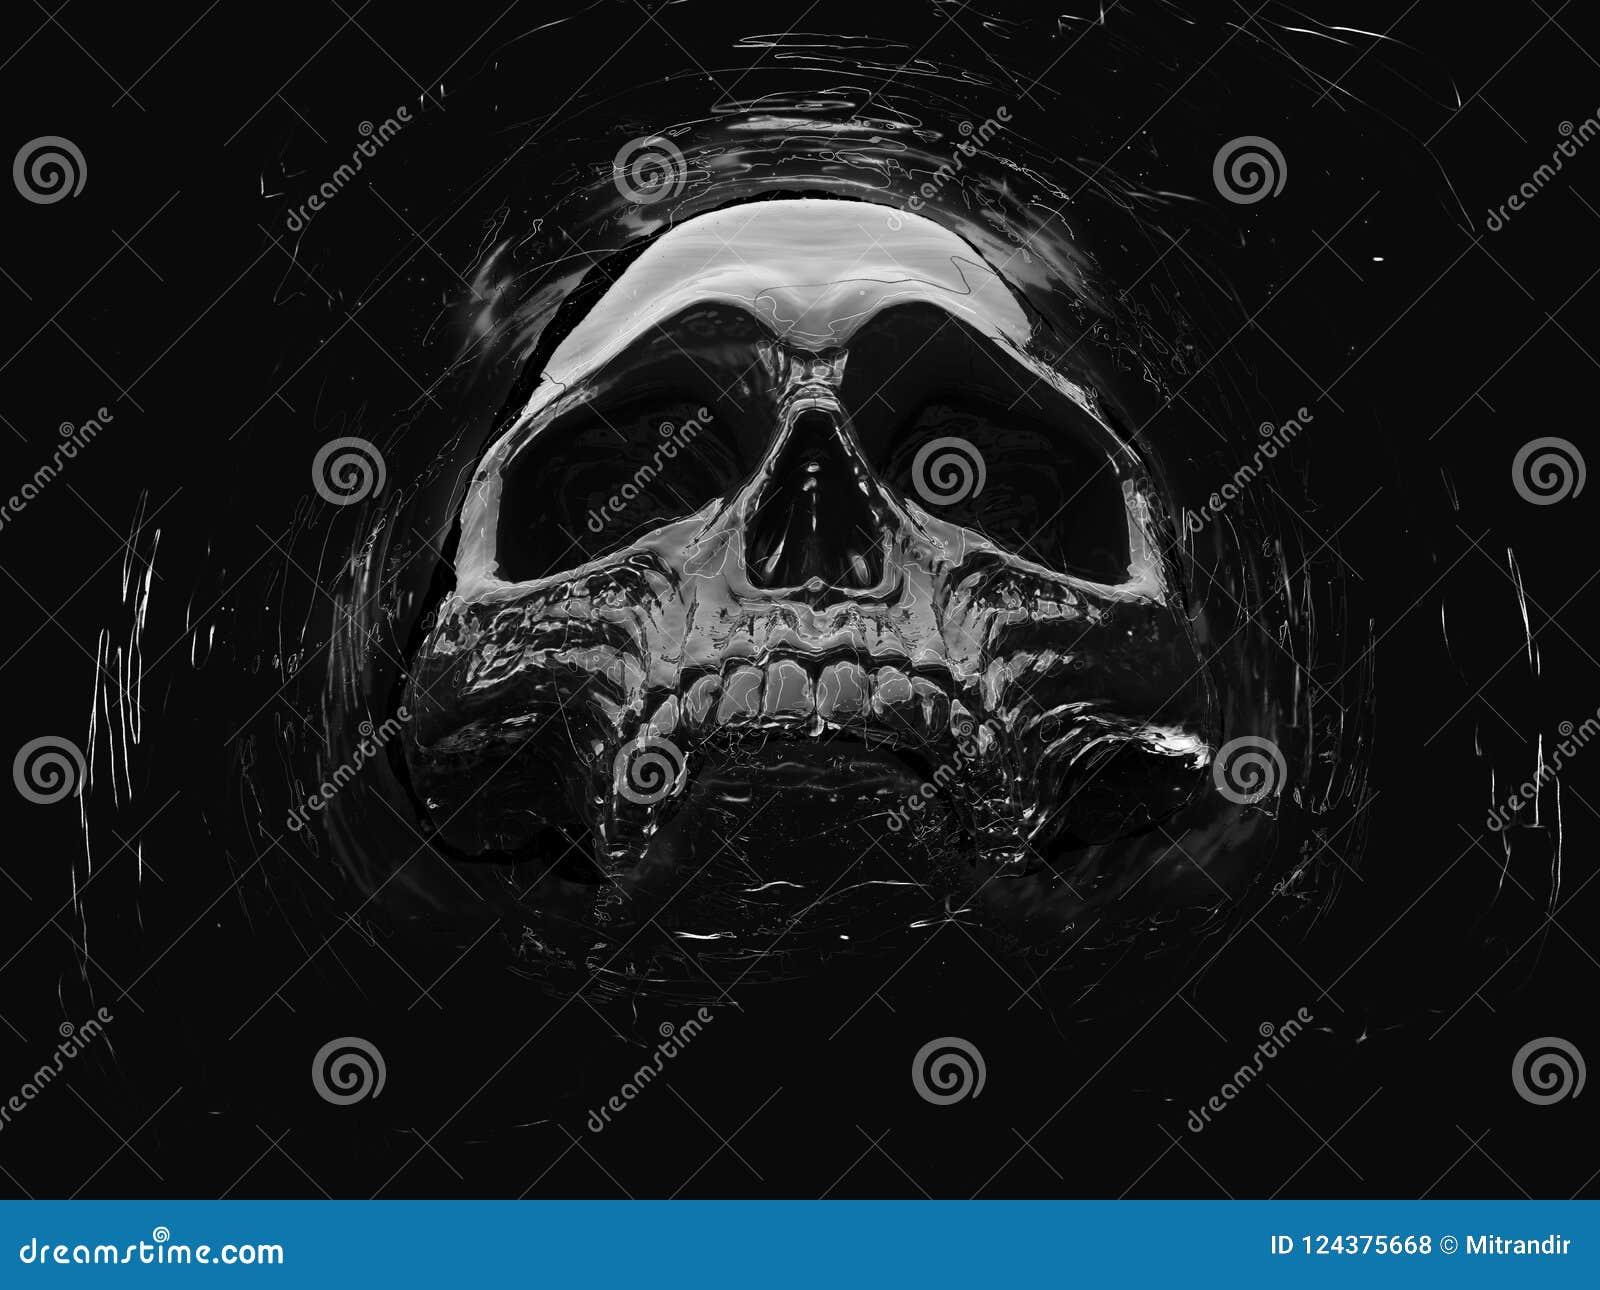 Dark death skull floating in space